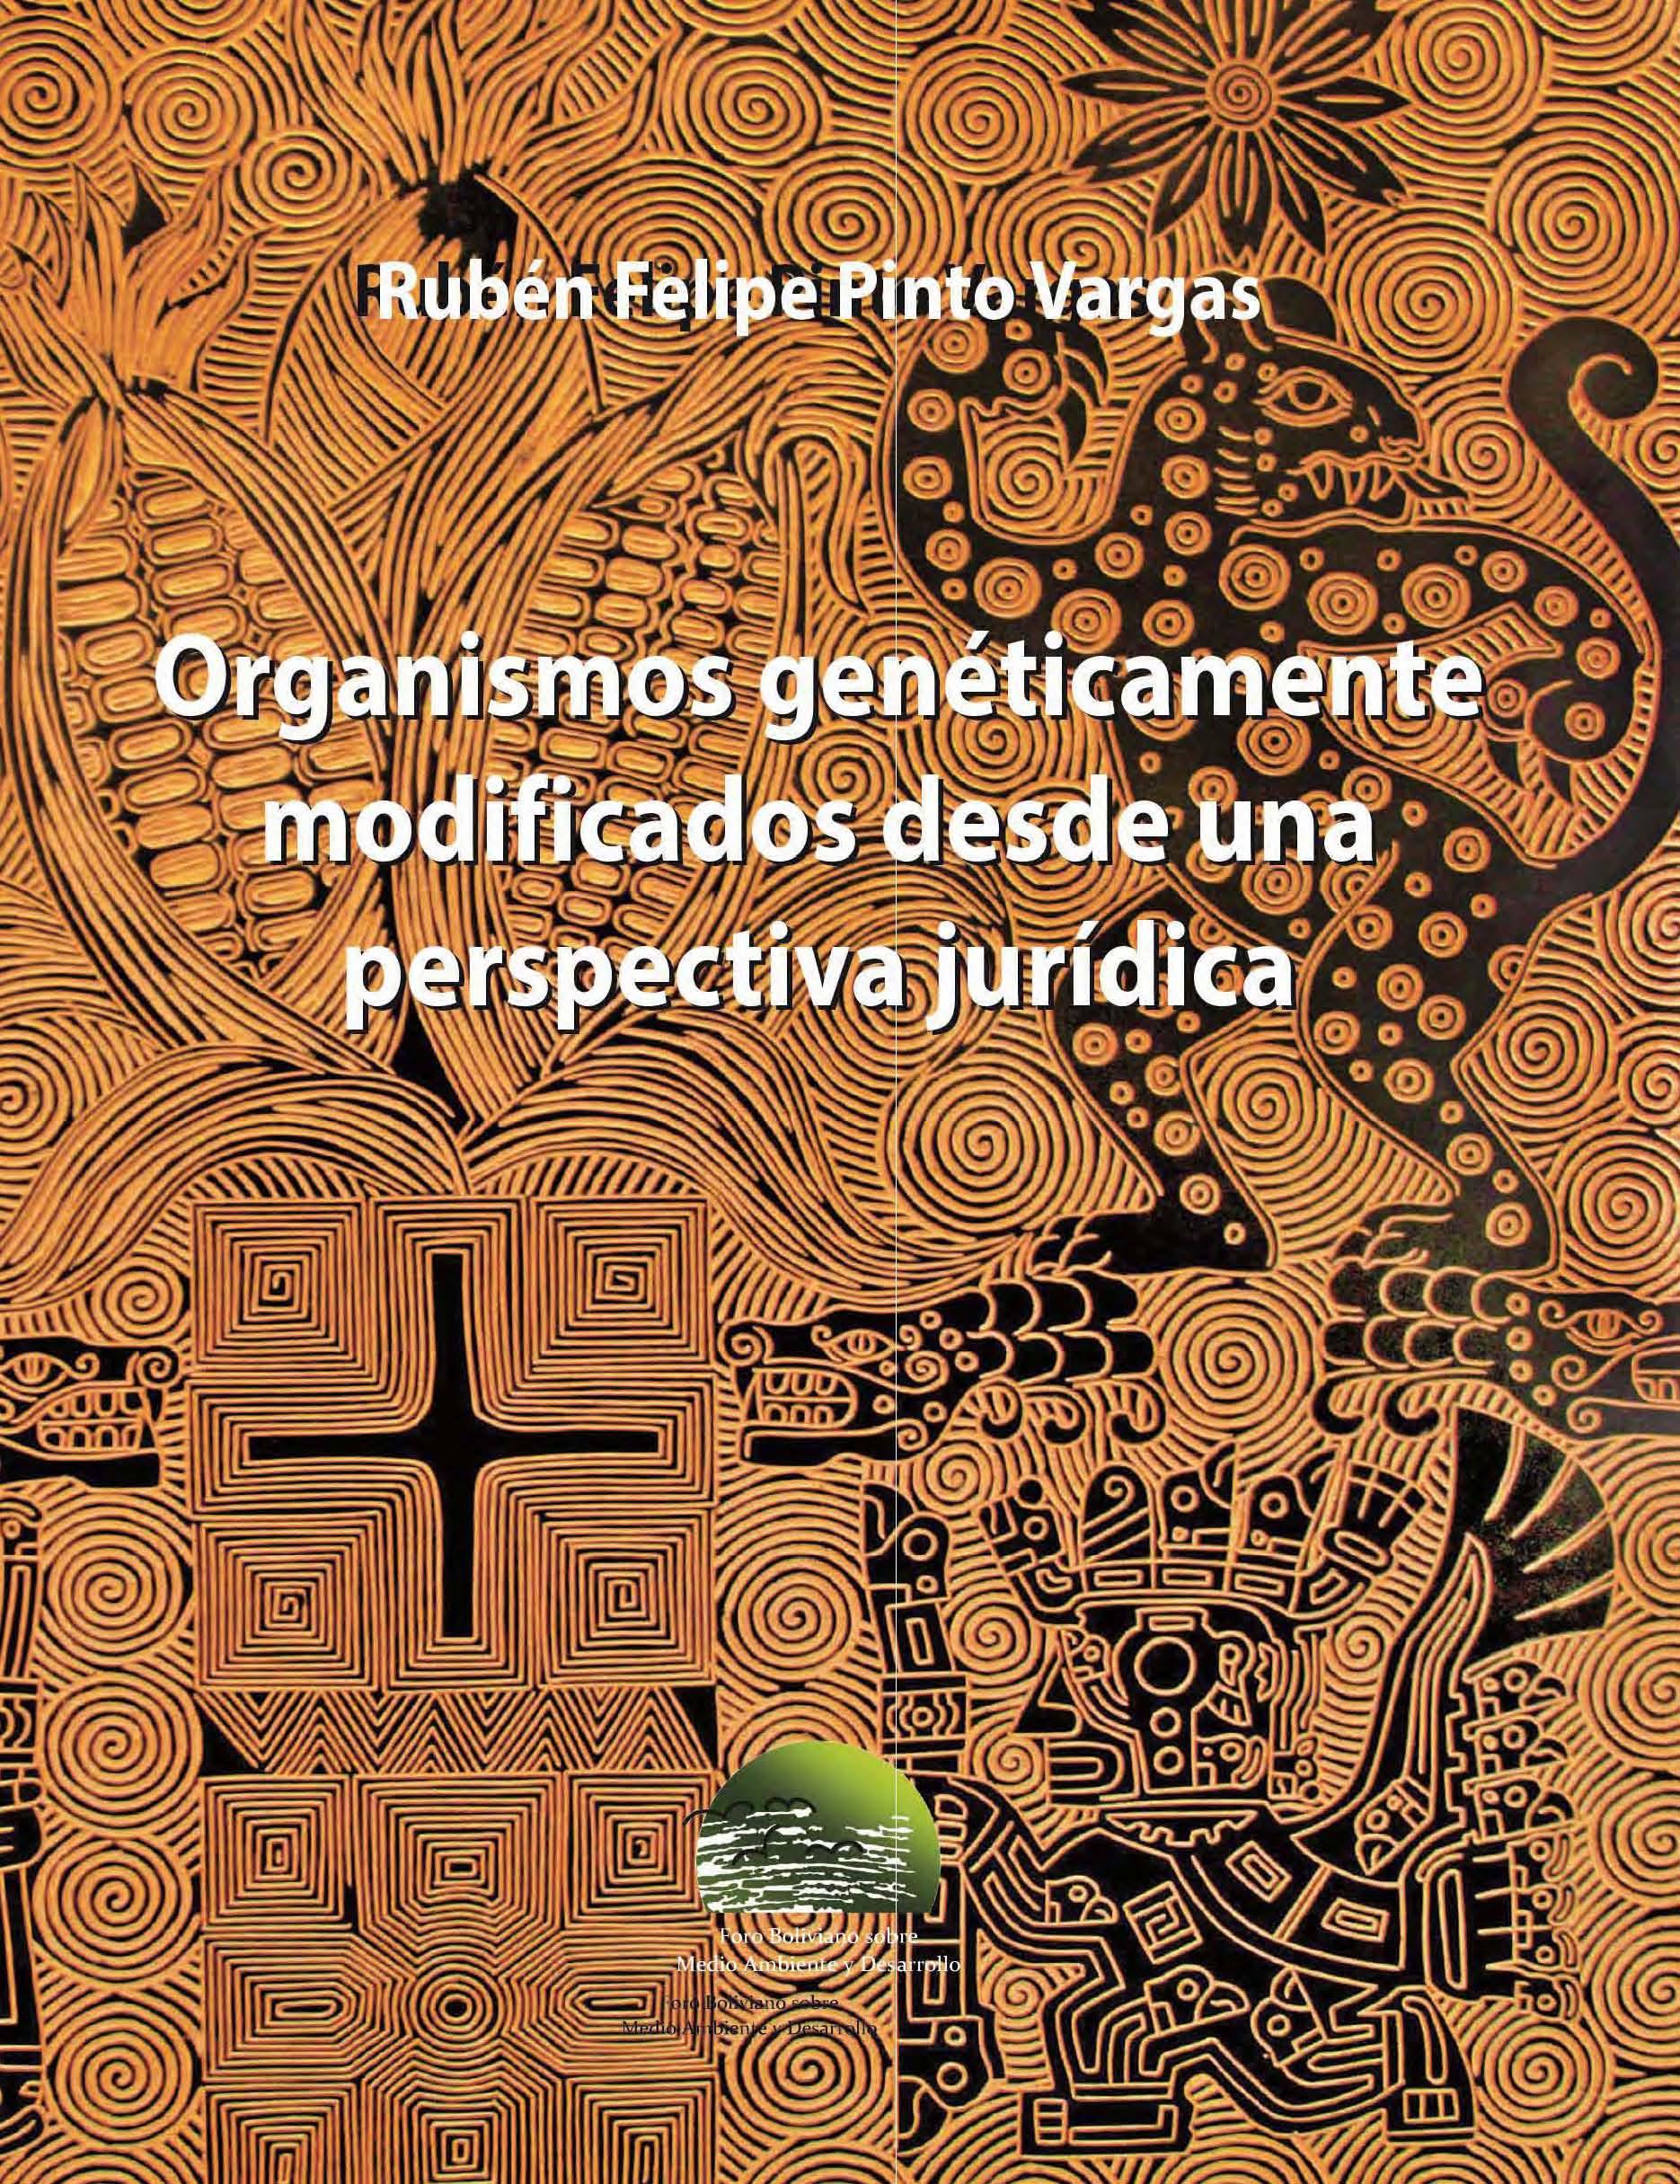 Organismos genéticamente modificados desde una perspectiva jurídica